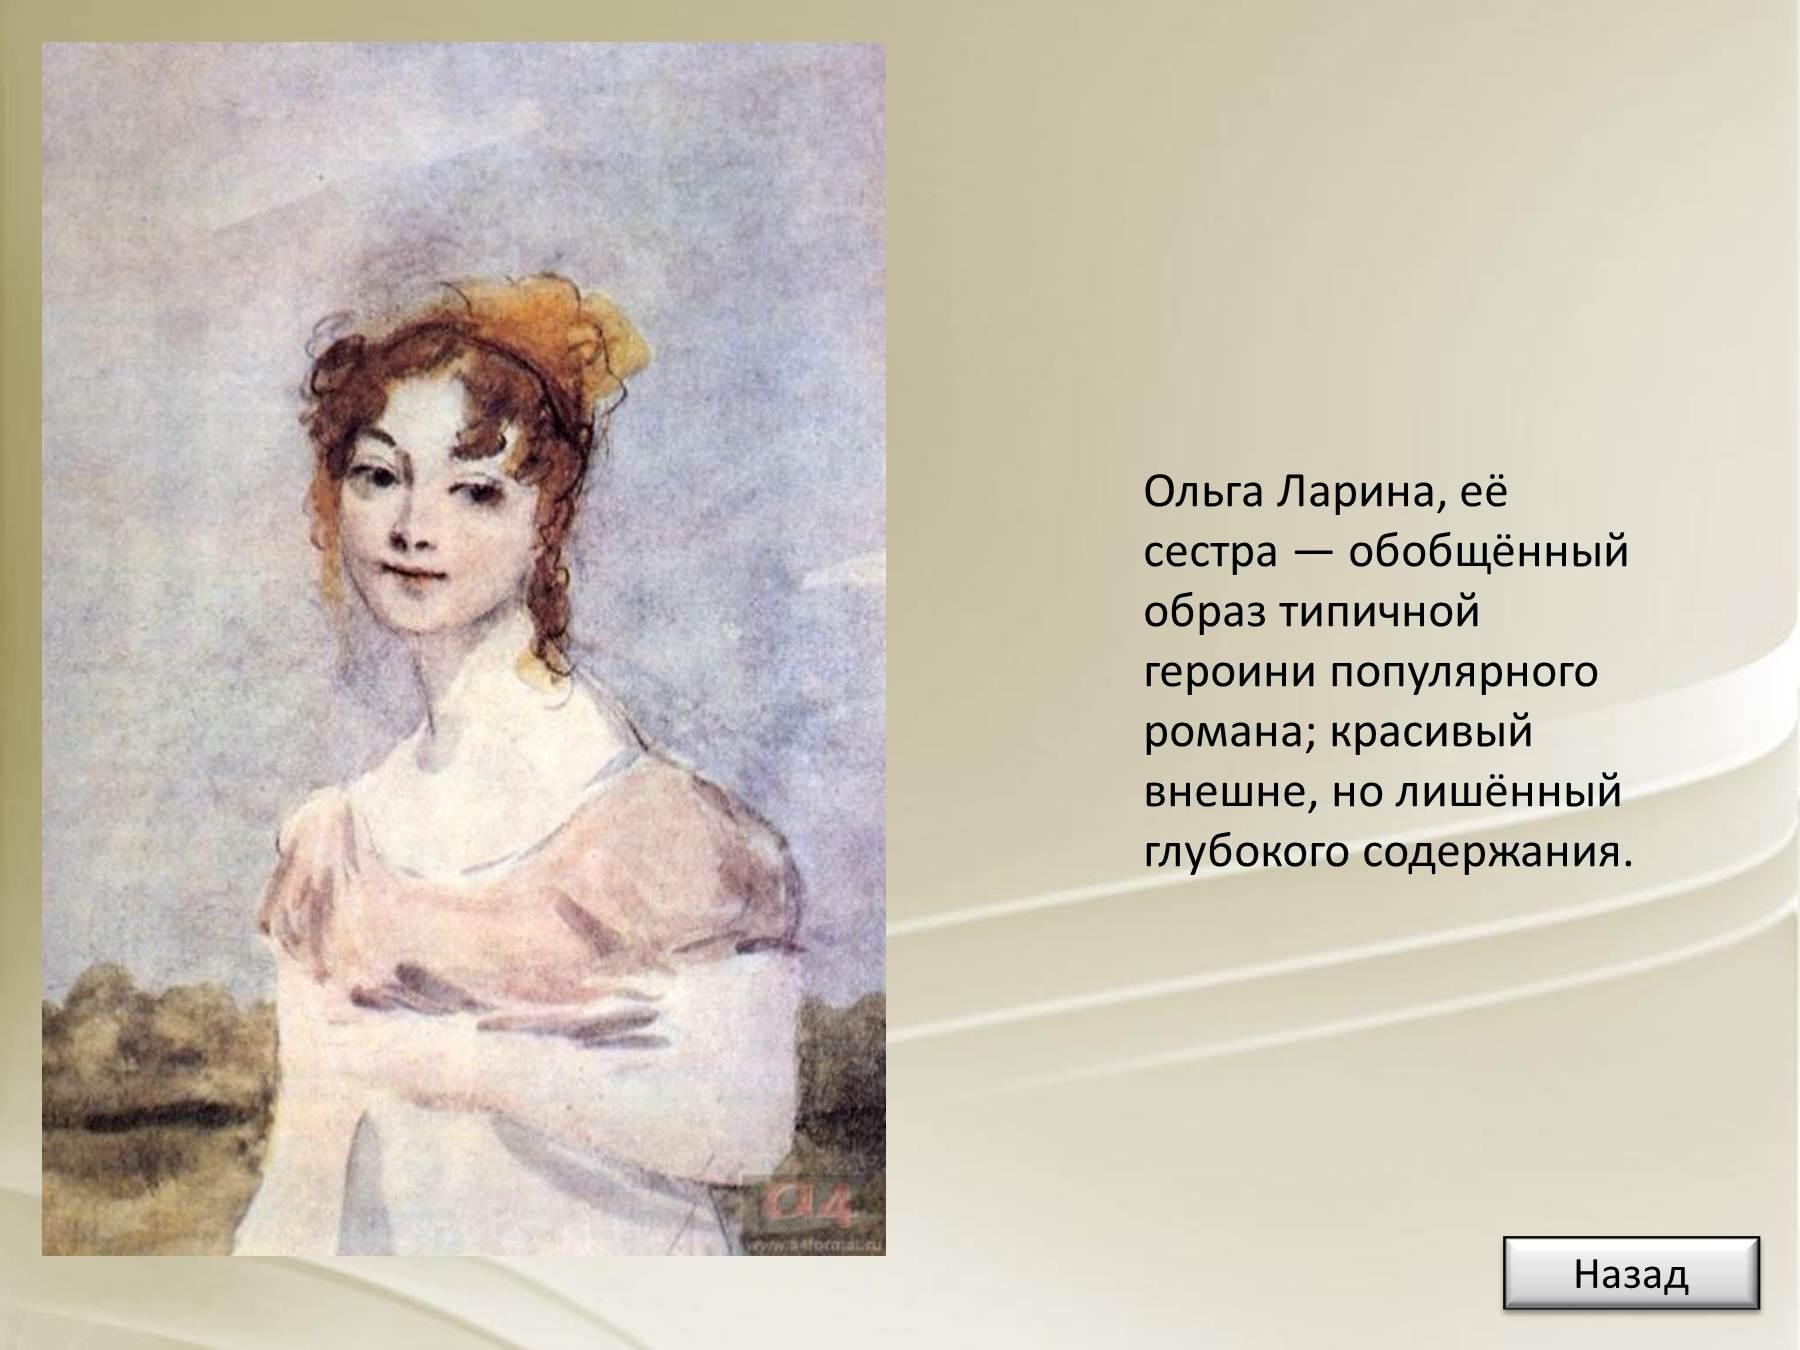 Татьяна ларина цитаты о ней